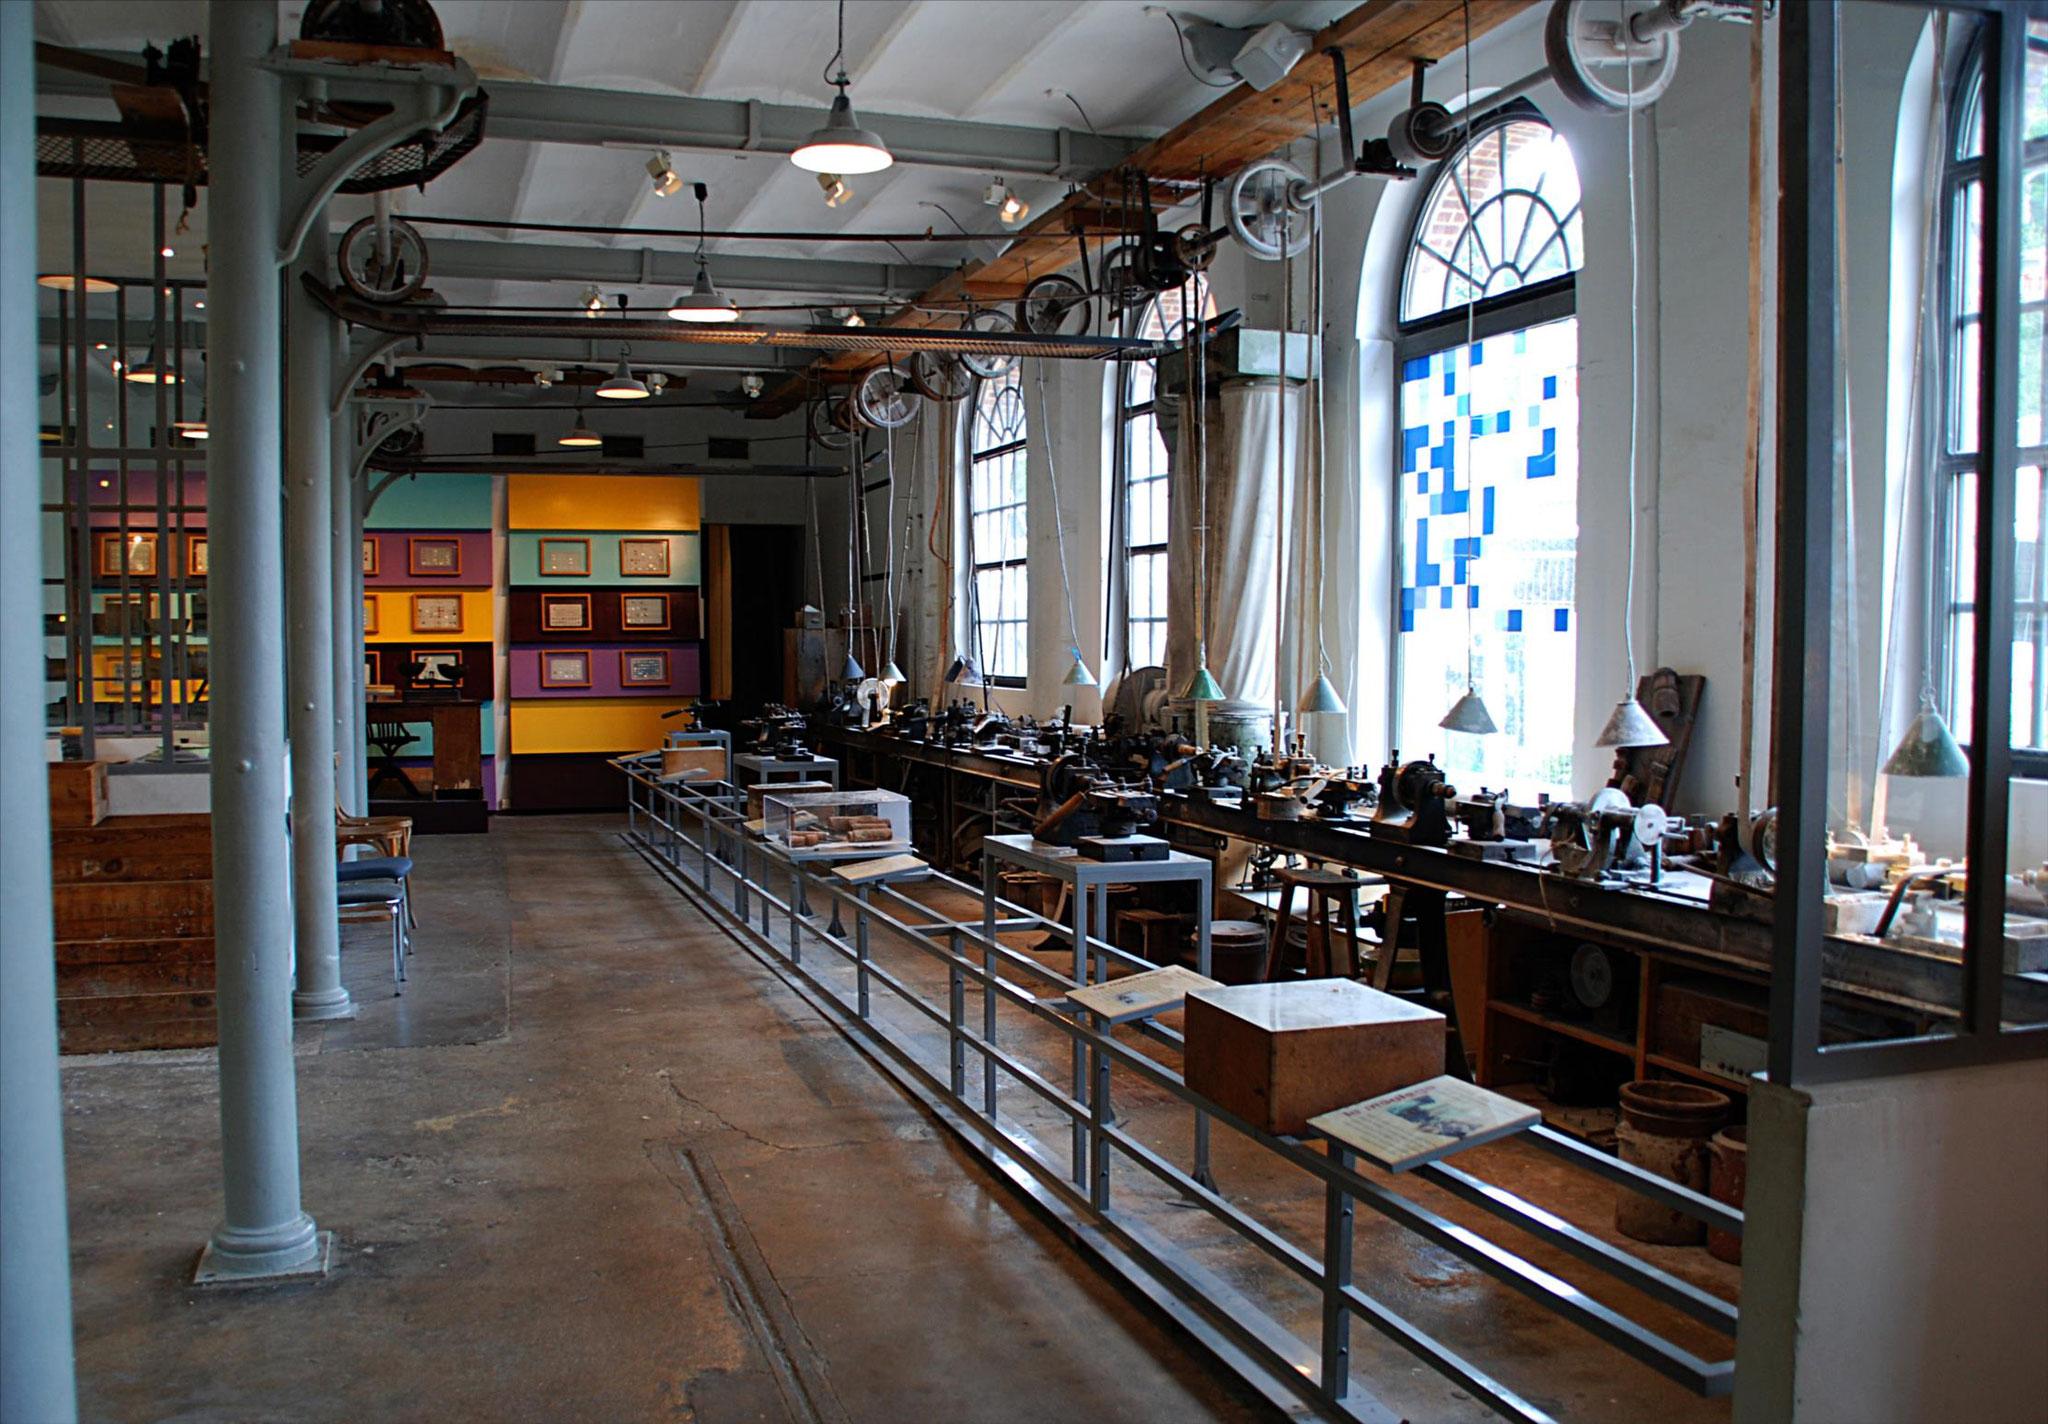 Atelier de boutonnerie, postes de fabrication